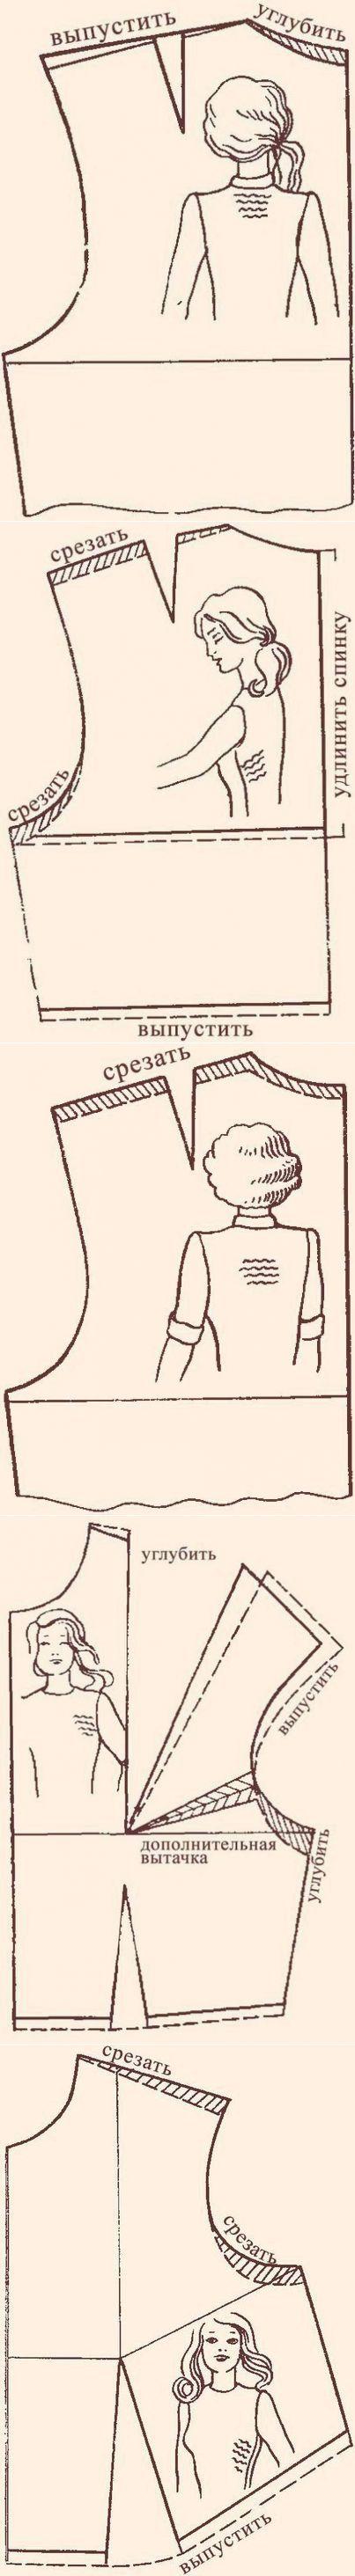 La corrección de los defectos en la ropa.